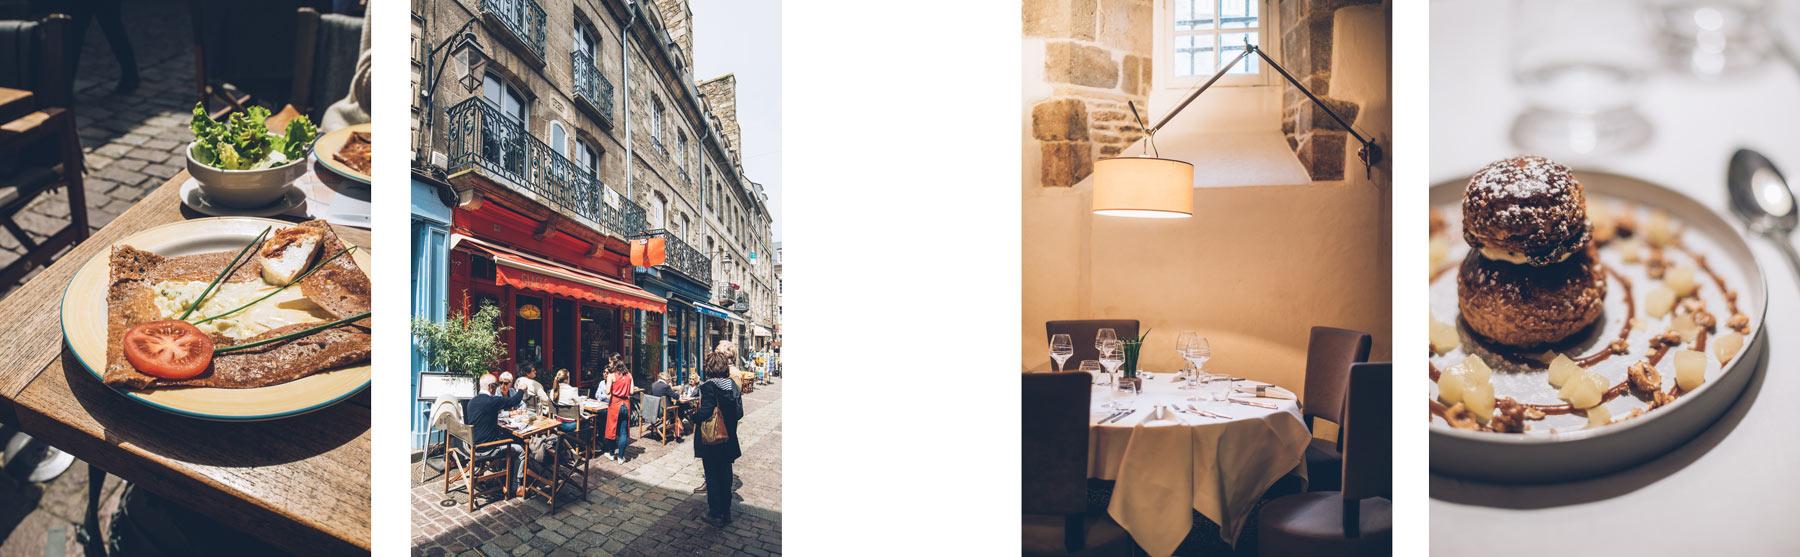 Bons restaurants à Dinan